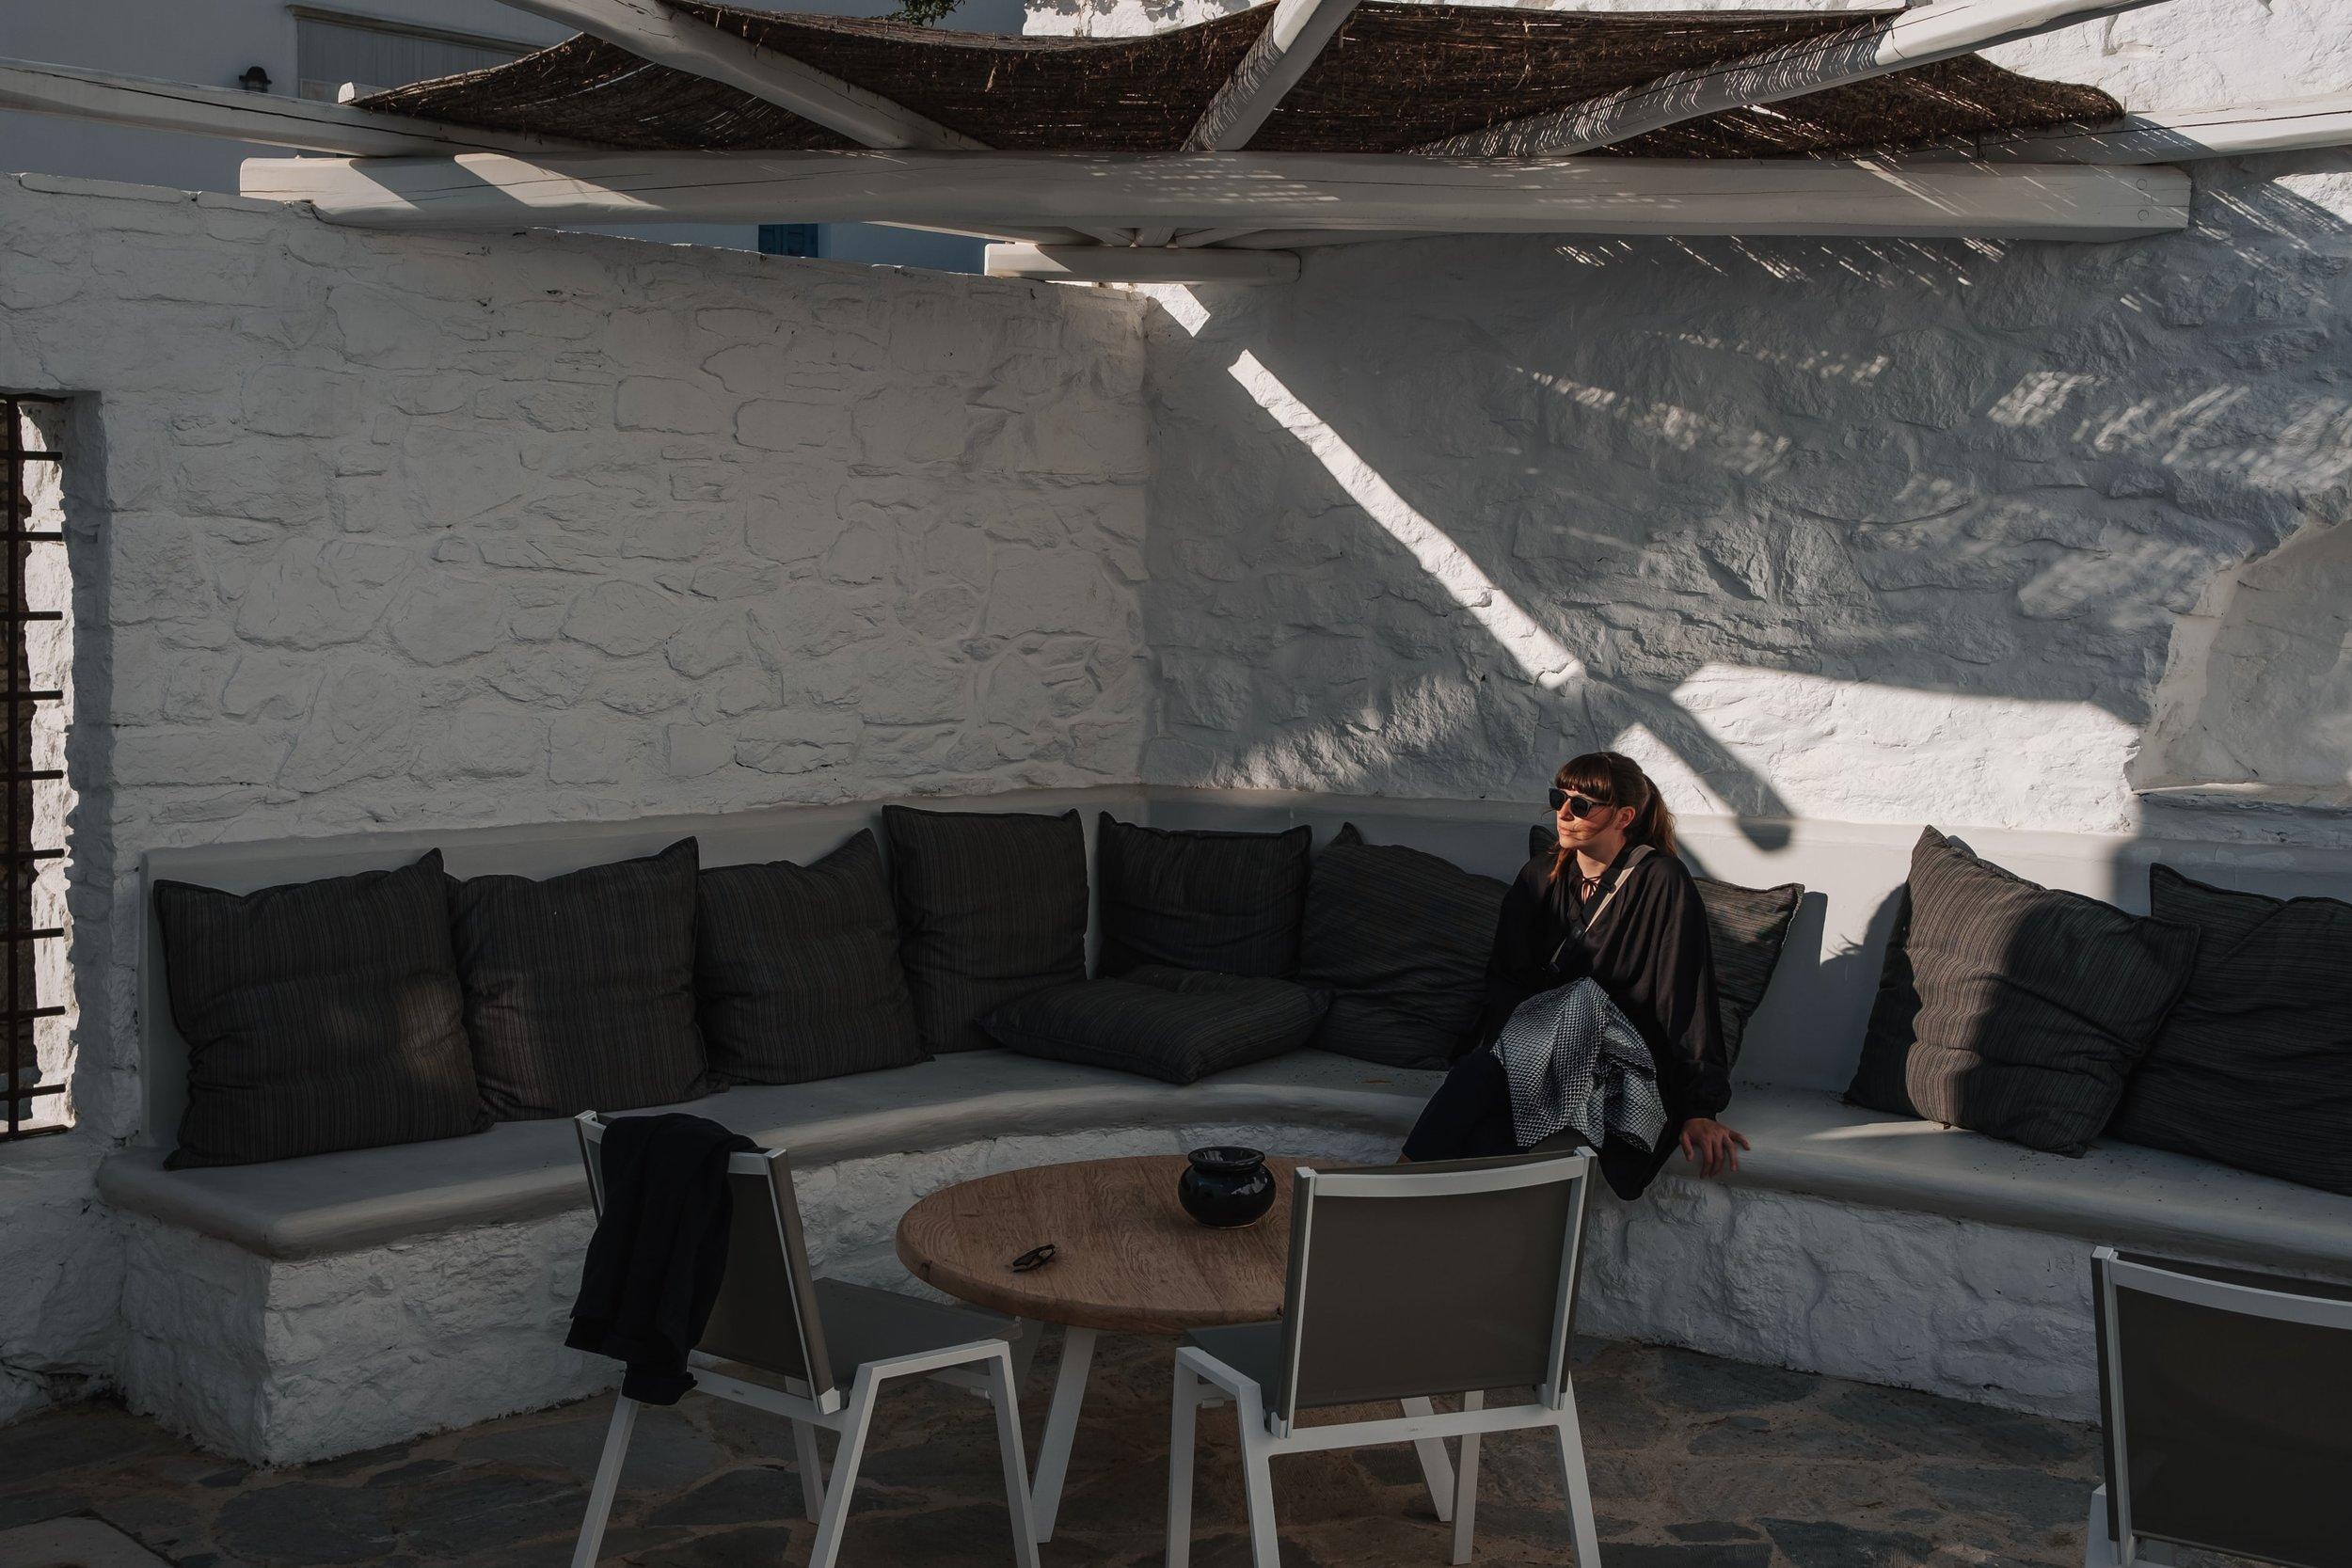 24 Hours in Mykonos, Greece by Haarkon